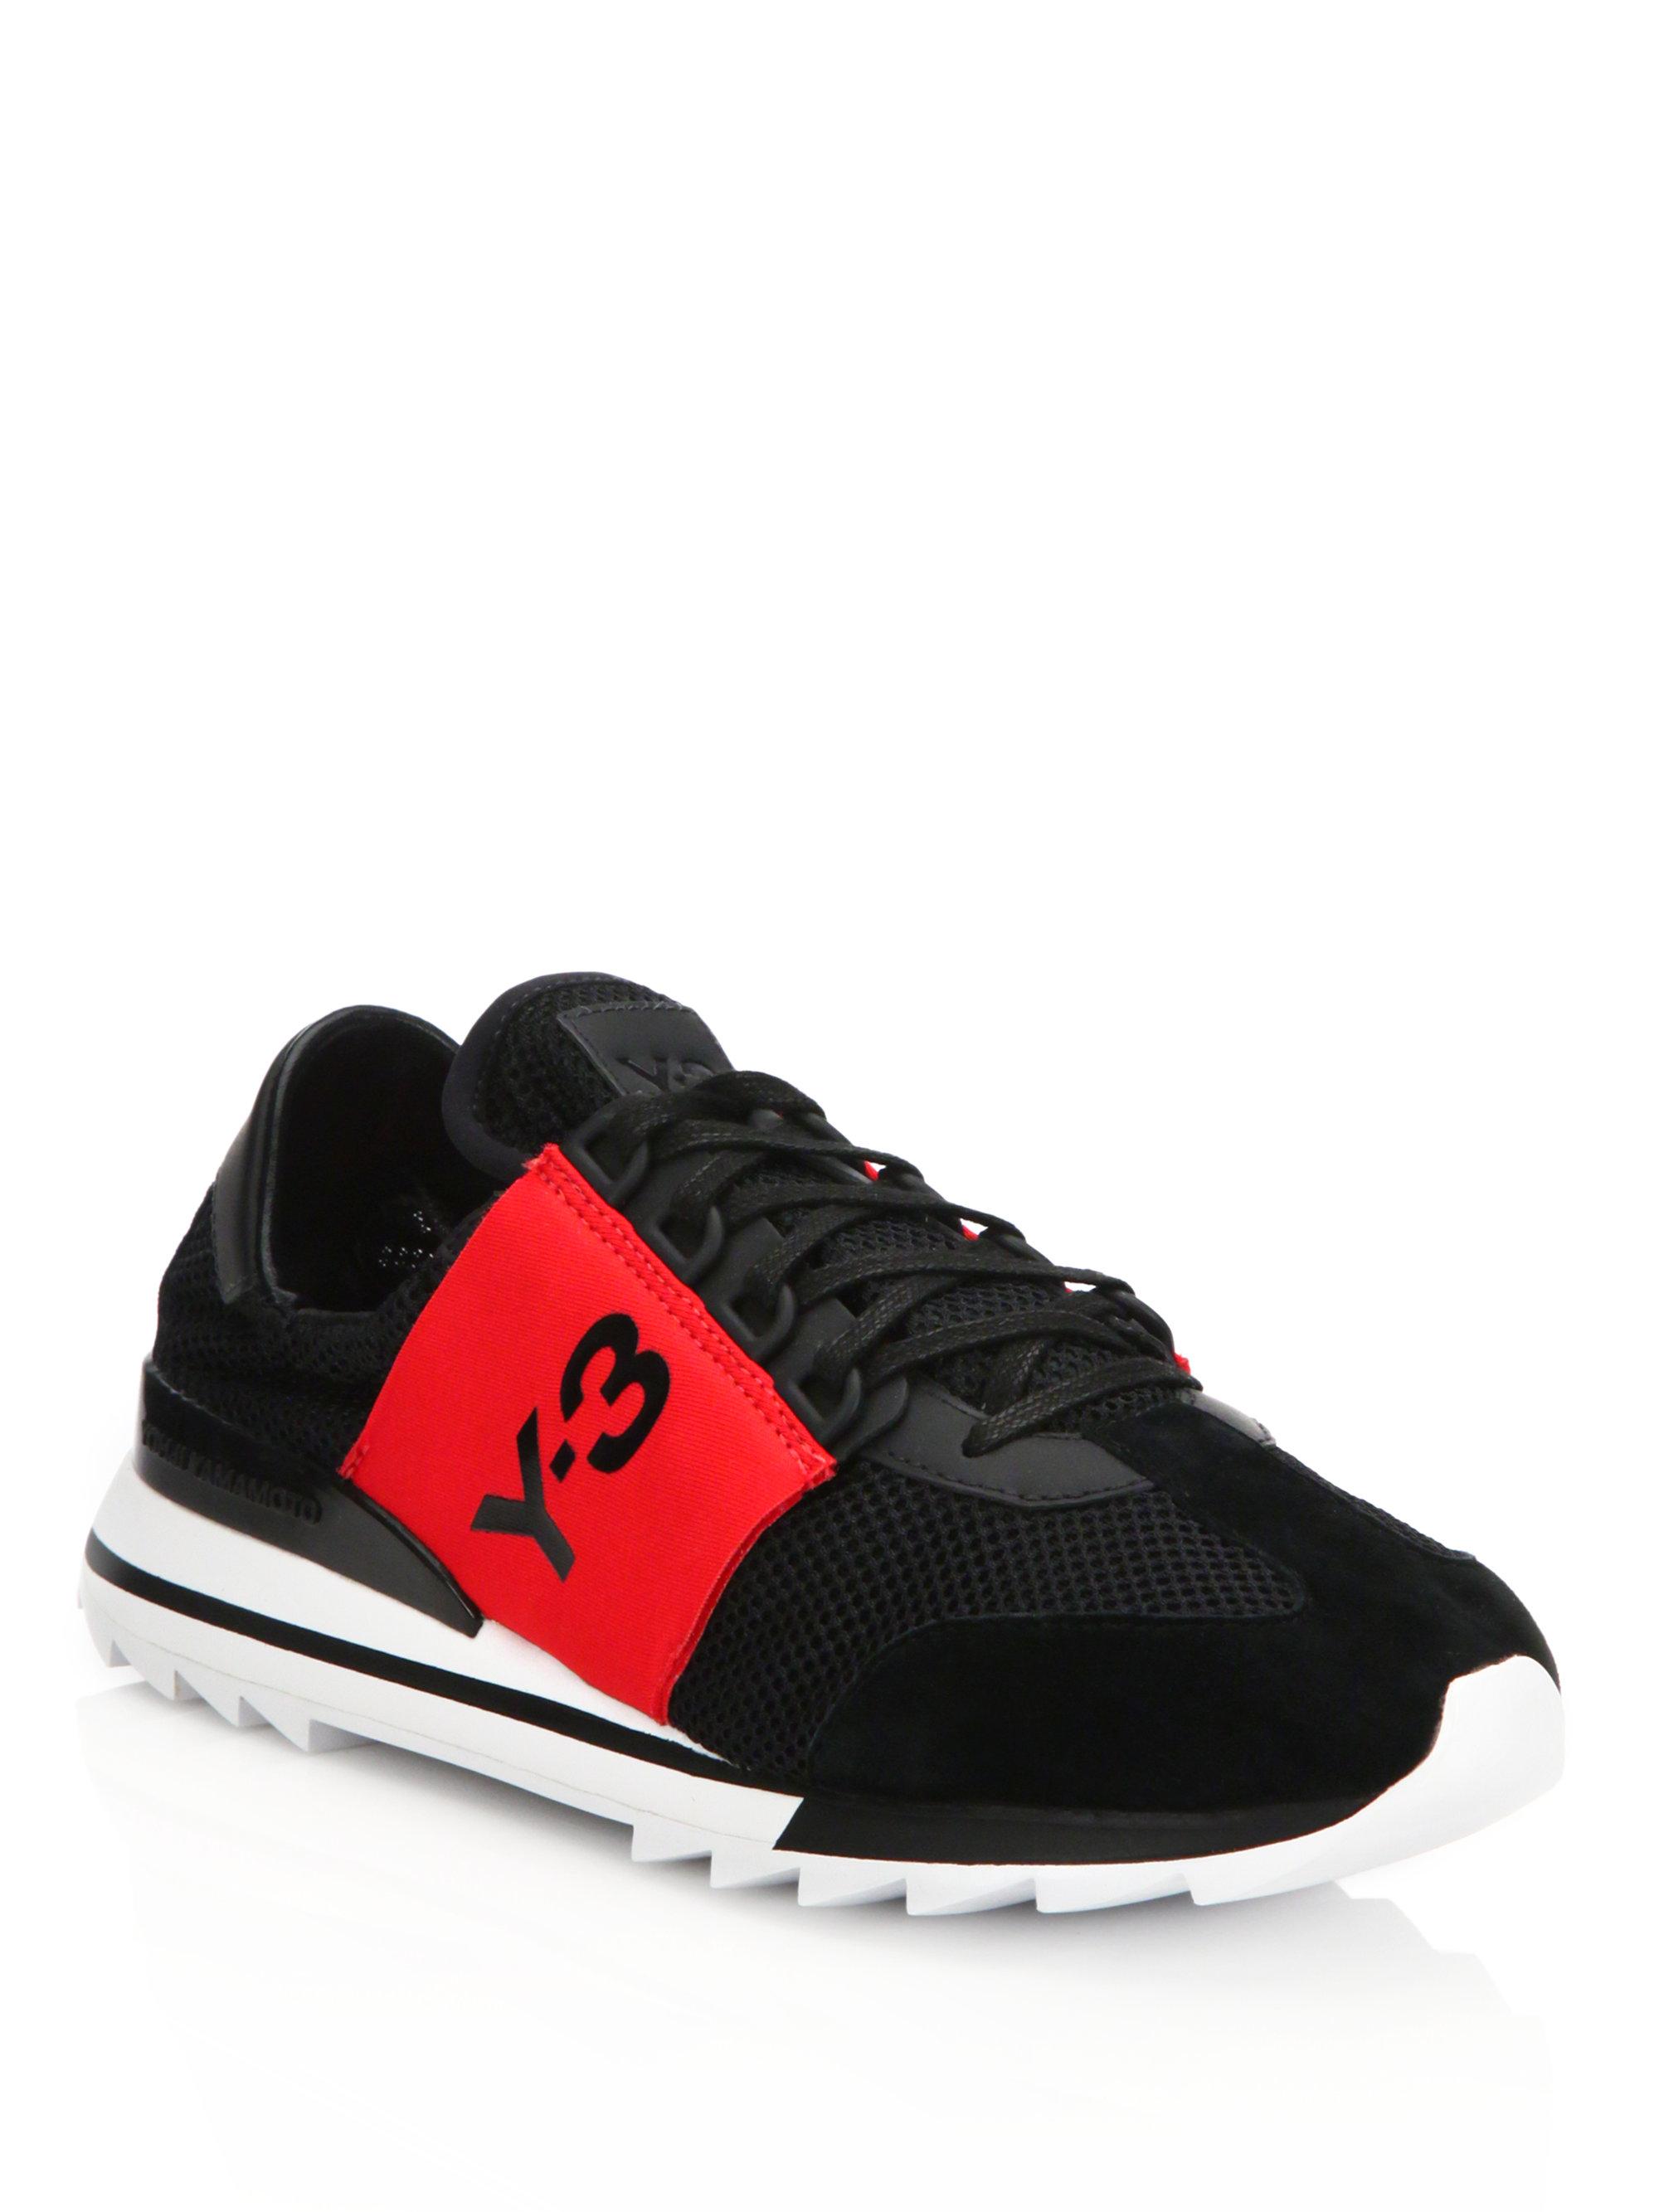 Y 3 Rhita Sport Sneakers In Red Black Red Lyst